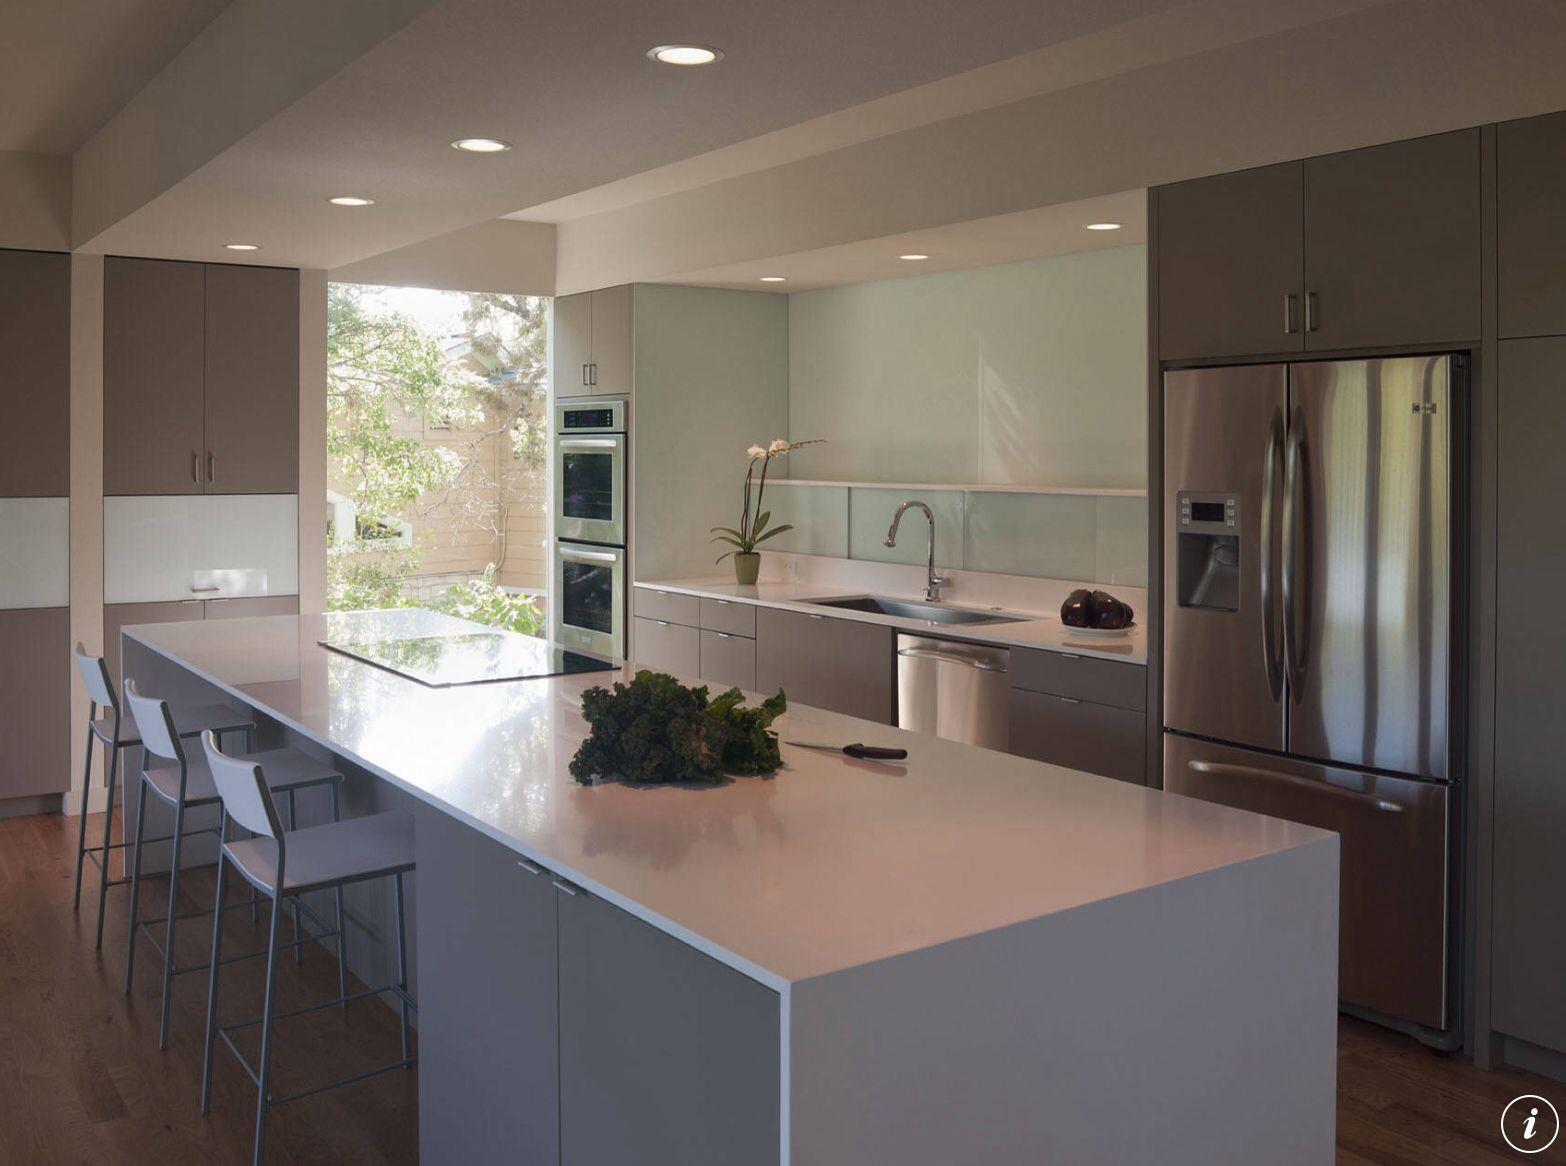 Cozinha Ideias para a casa Pinterest #7B7350 1566 1166